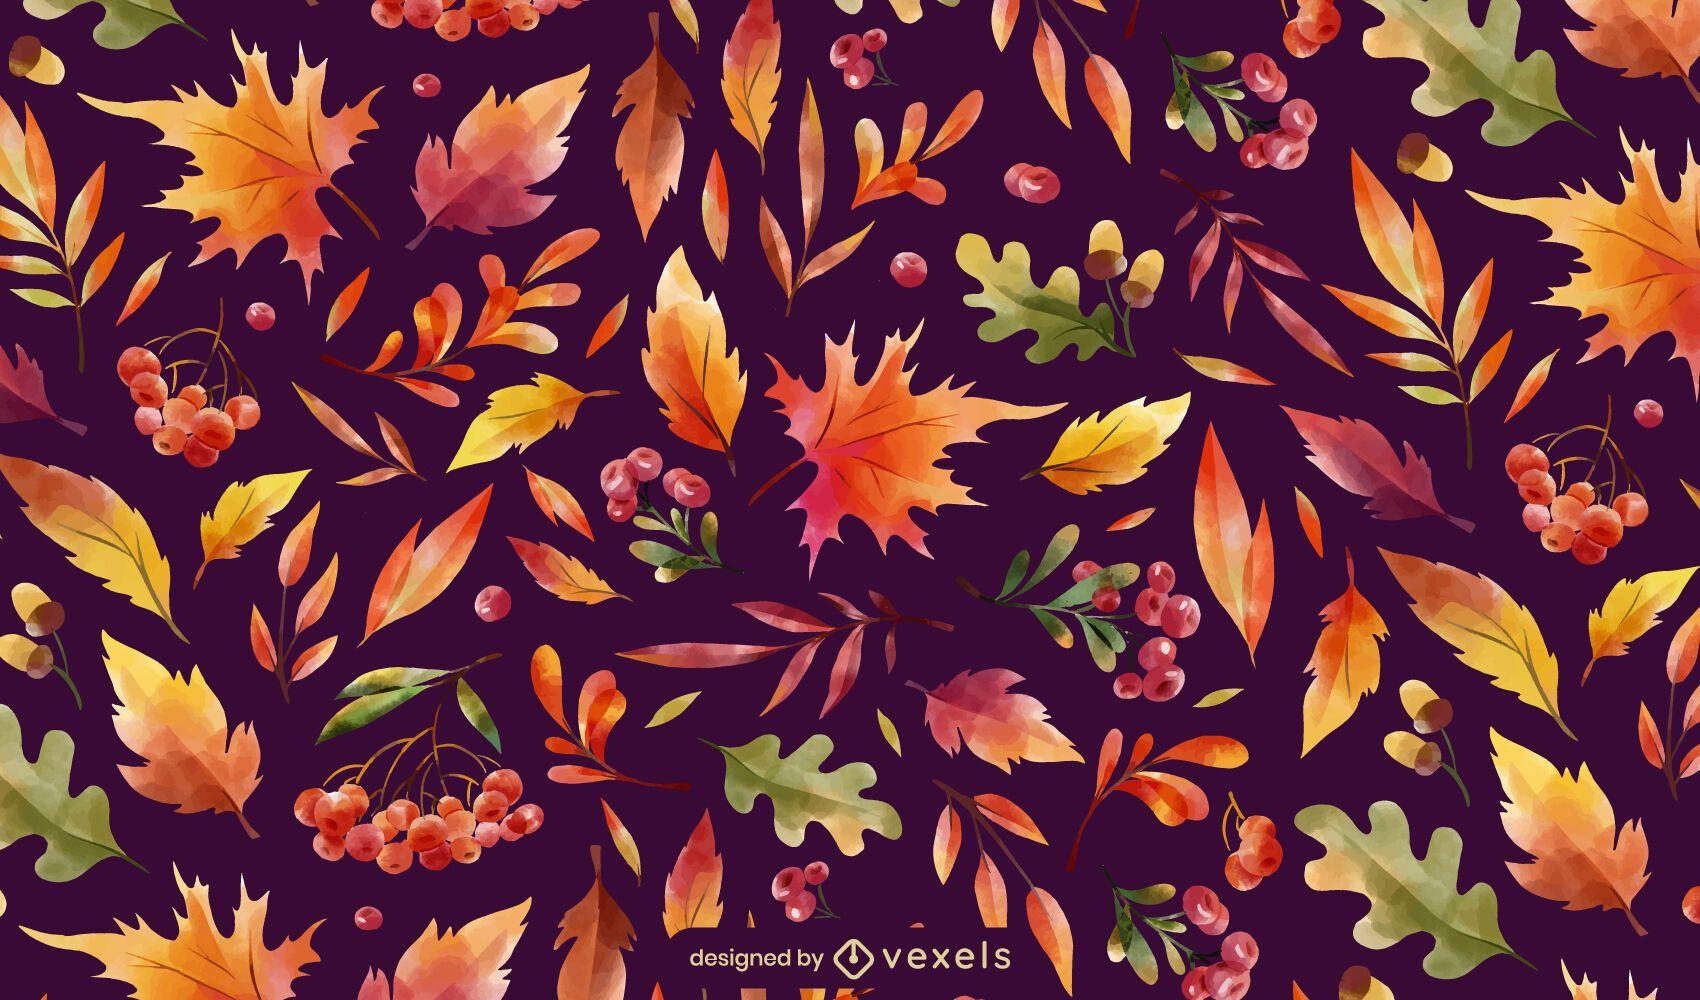 Diseño de patrón de hojas de temporada de otoño